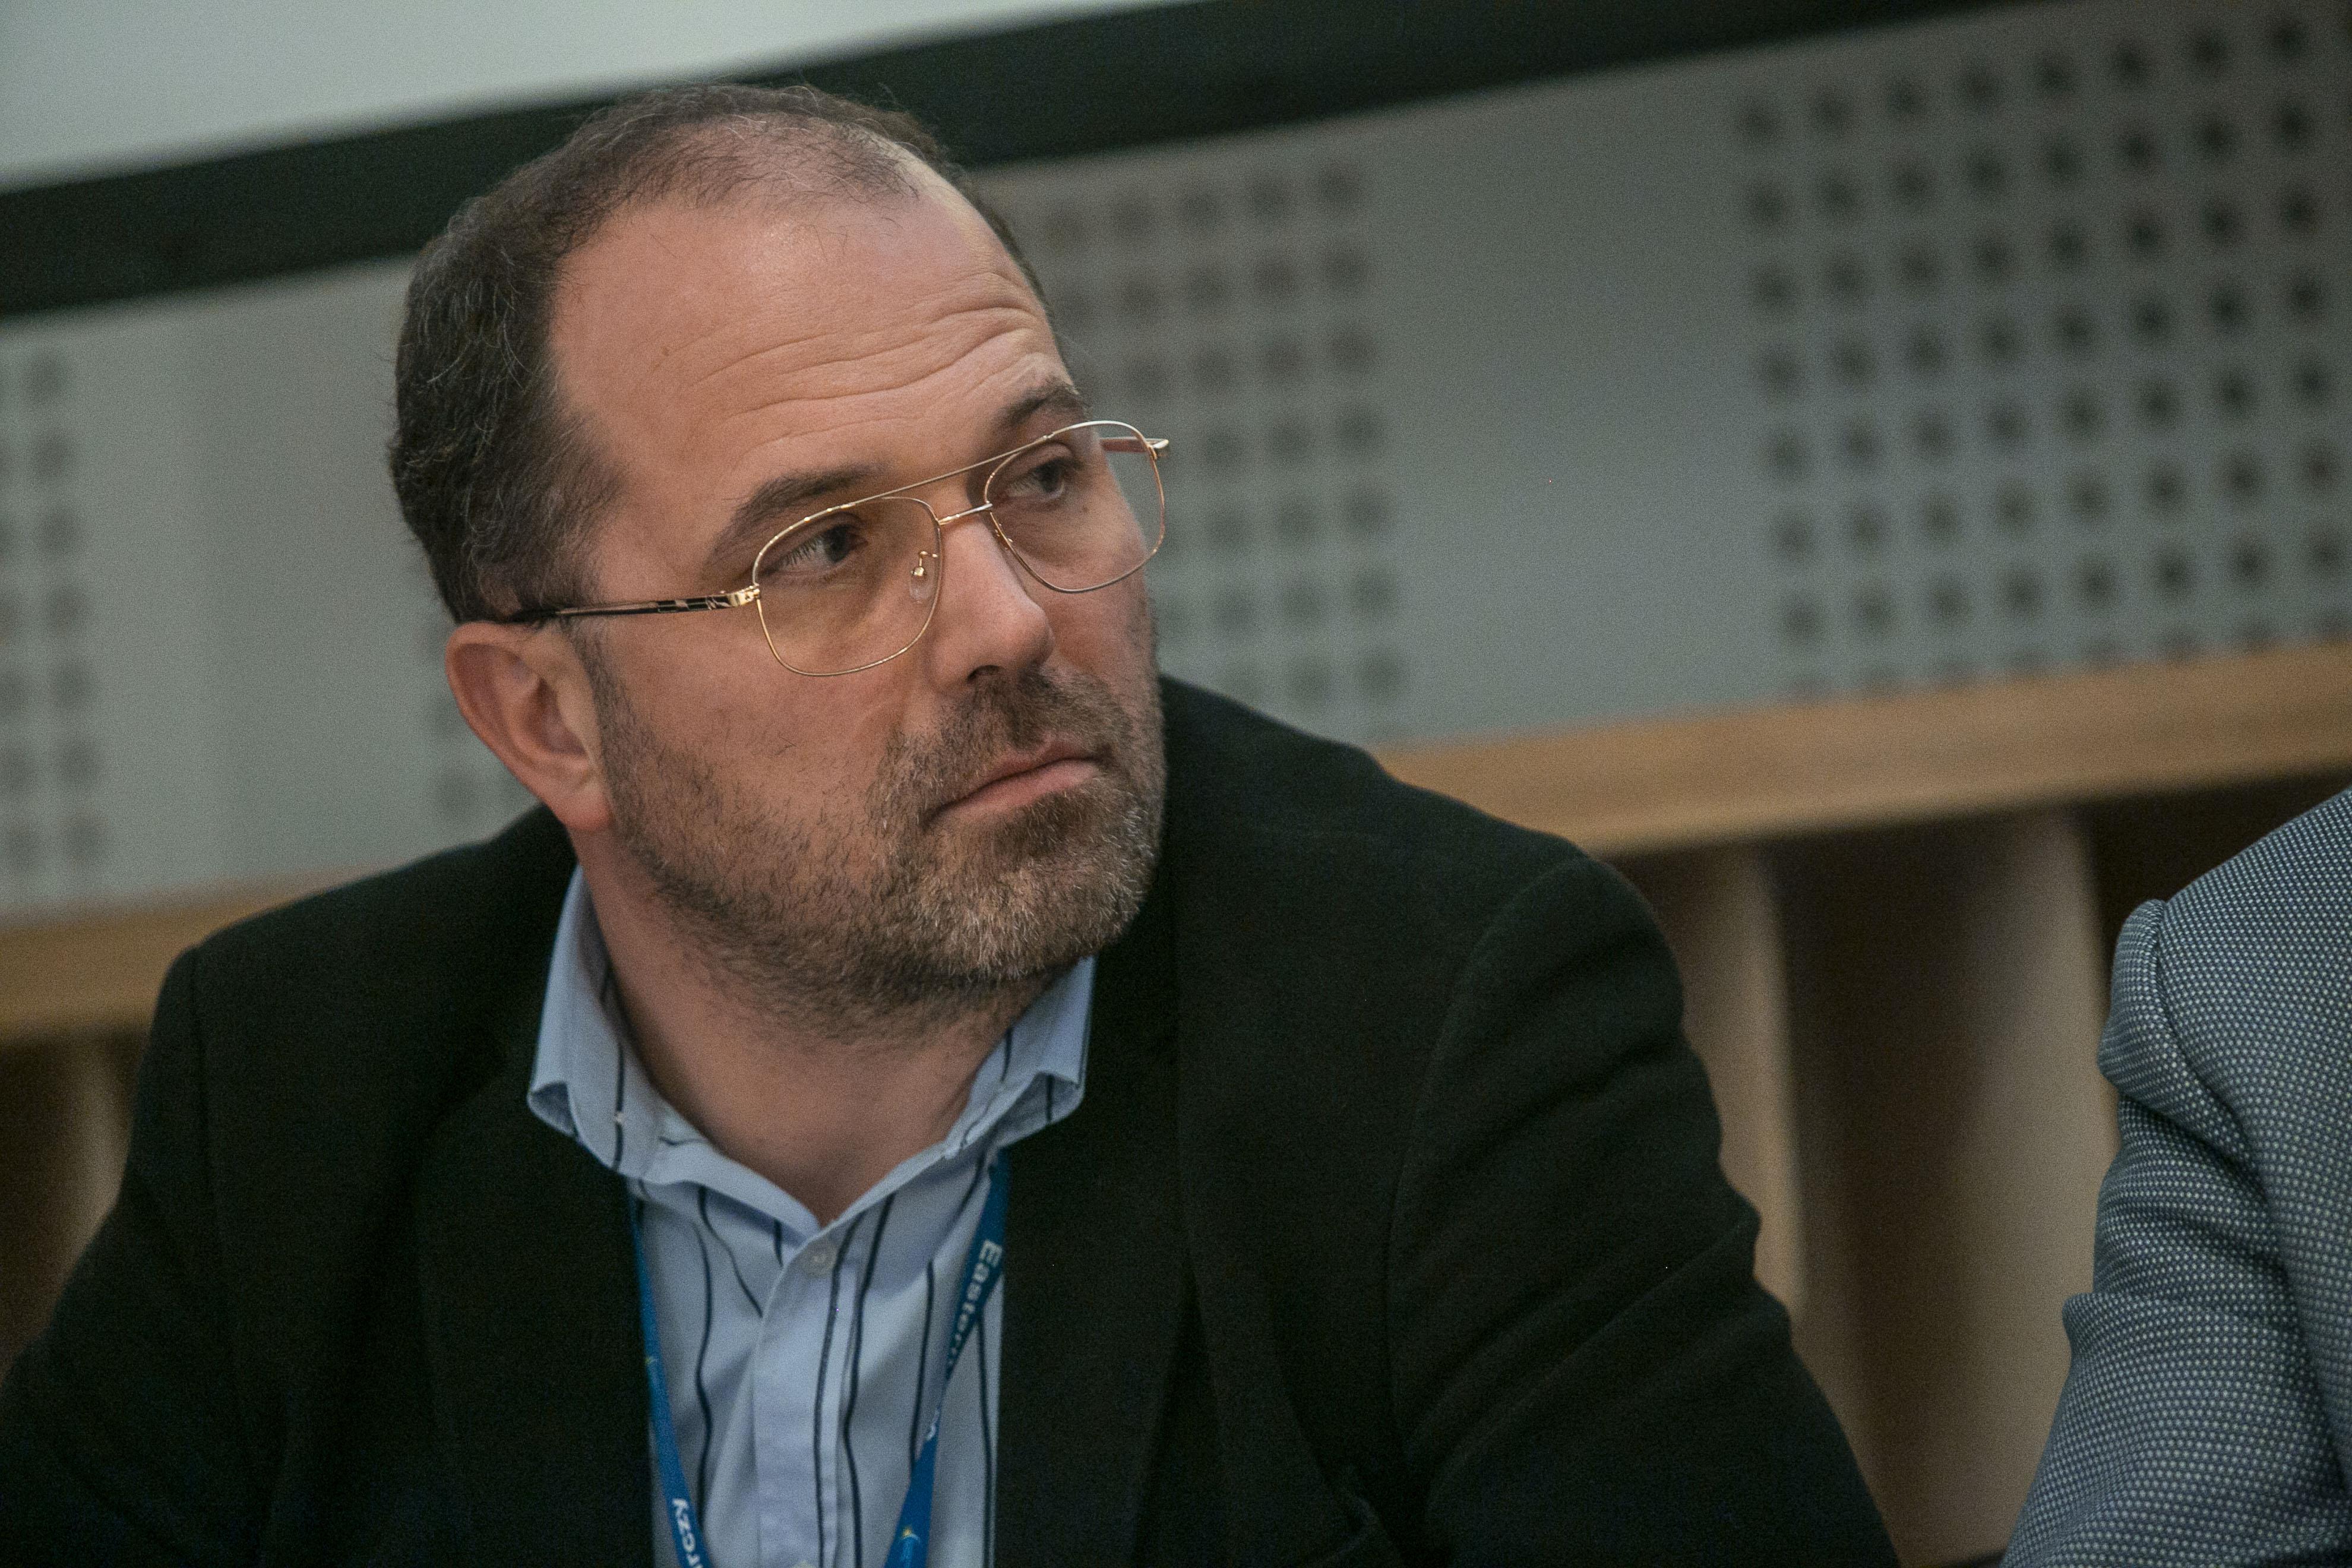 AdamKaminski, koordynator klastra InfoTech: IT jest horyzontalną specjalizacją, która będzie wykorzystywana we wszystkich branżach. To jest, moim zdaniem, przyszłość Białegostoku (Fot. PTWP Marek Misiurewicz)